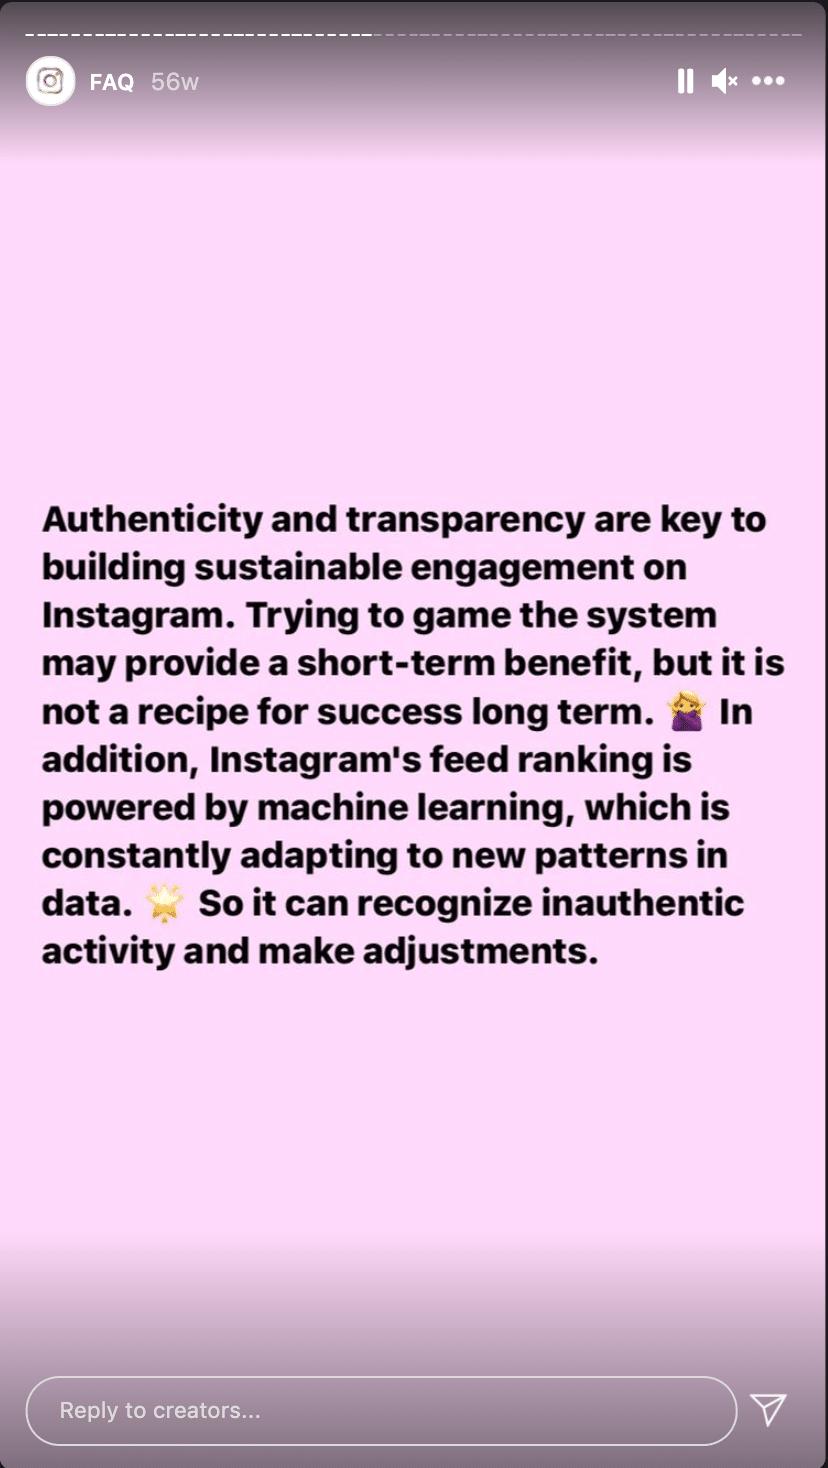 FAQ-Post zu nicht authentischem Content bei Instagram Creators